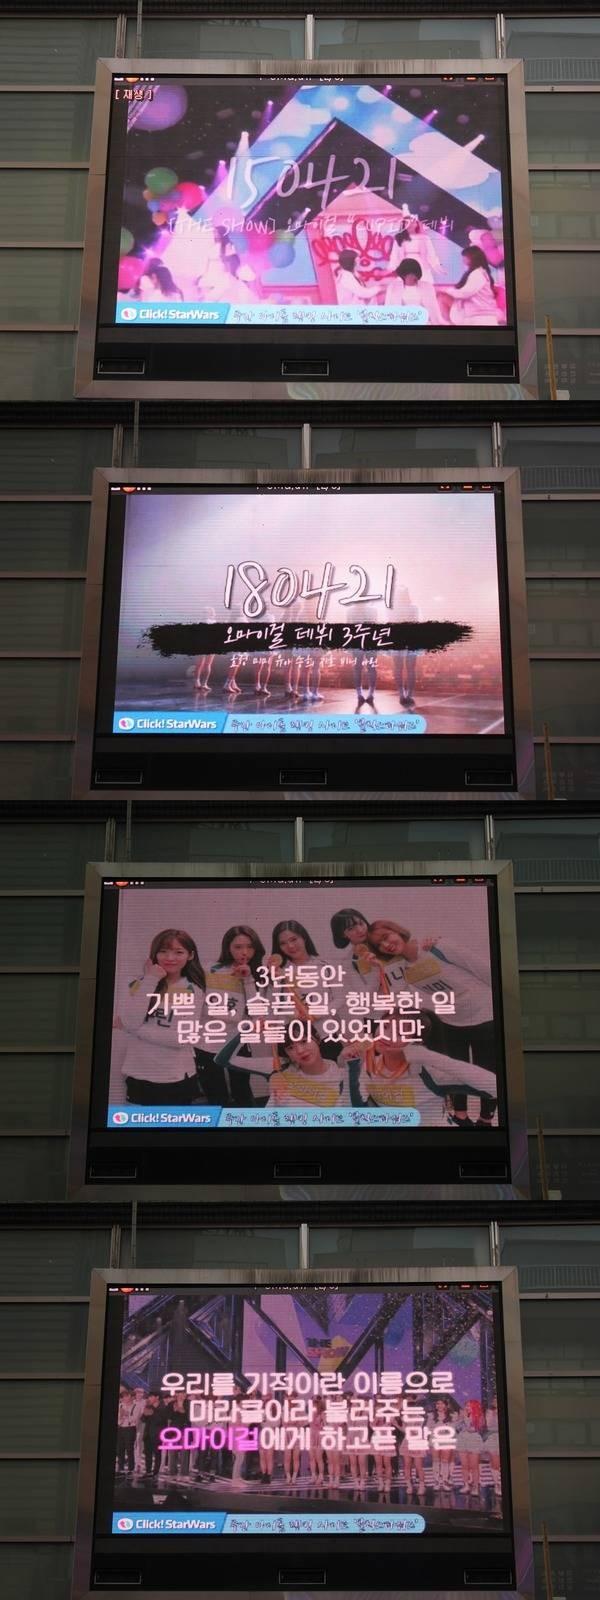 오마이걸, '미라클'이 전하는 데뷔 3주년 축하 메시지